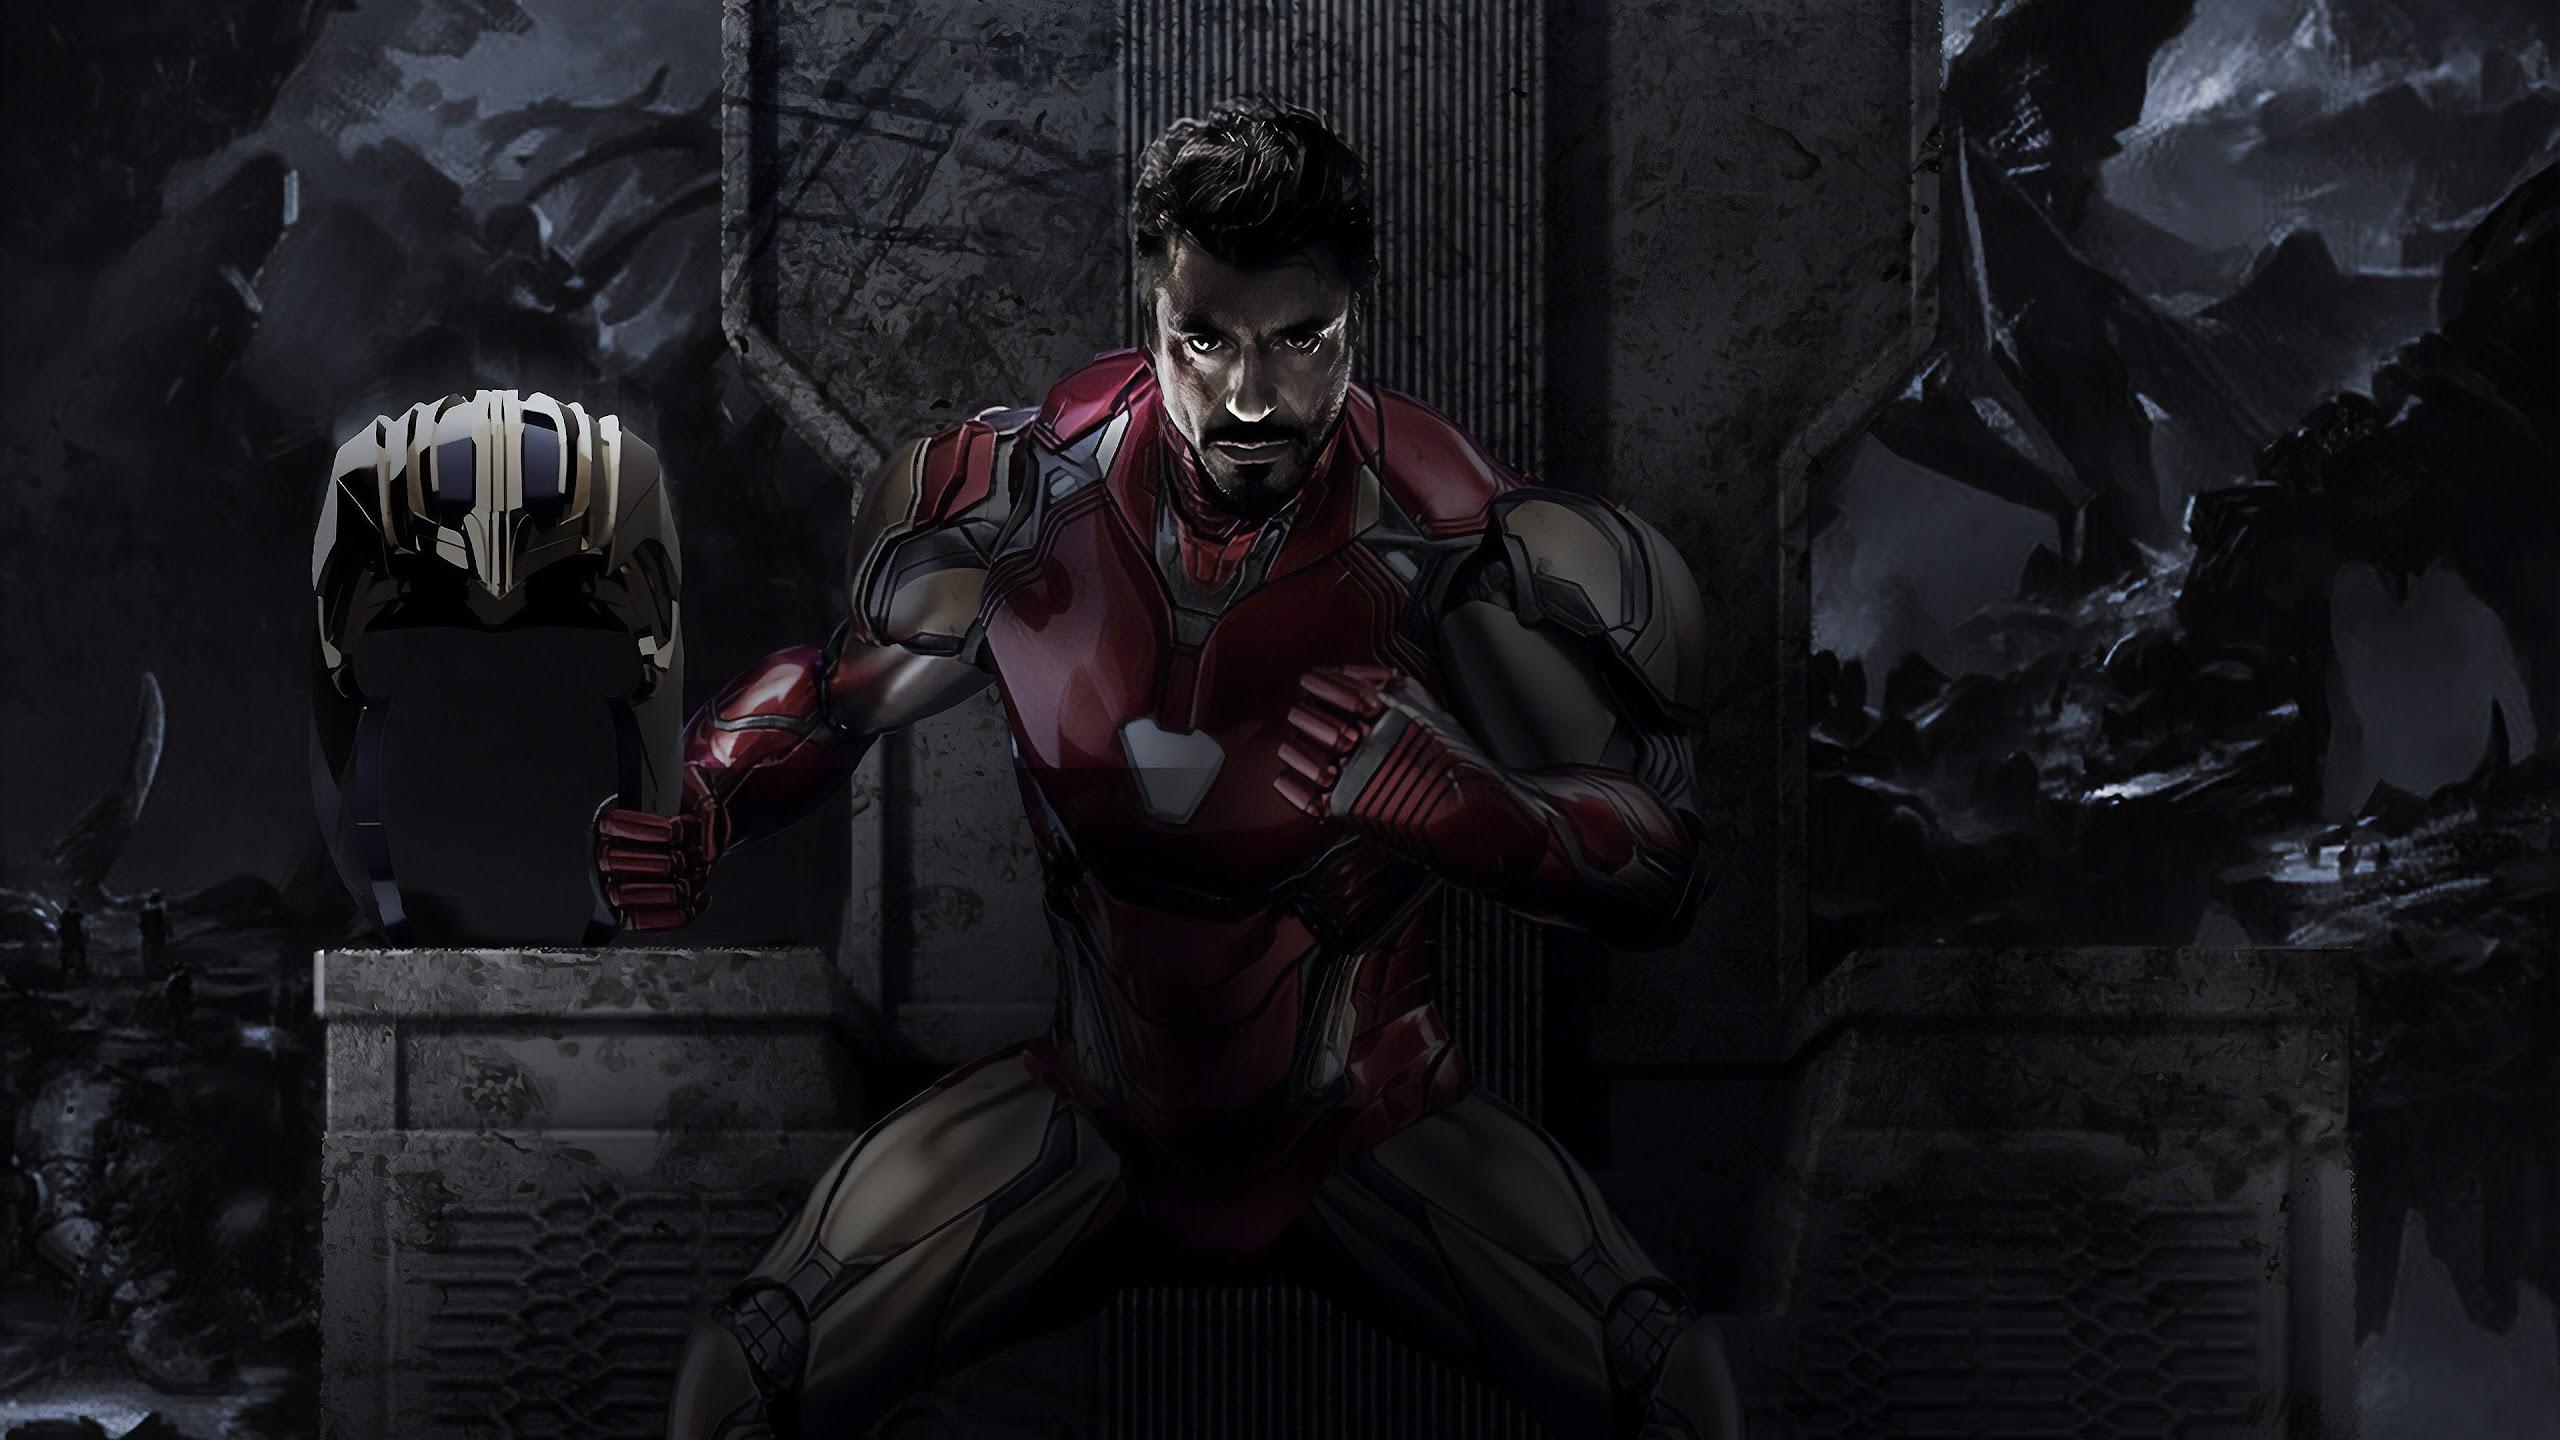 Iron Man Tony Stark Avengers Endgame 4k Wallpaper 178